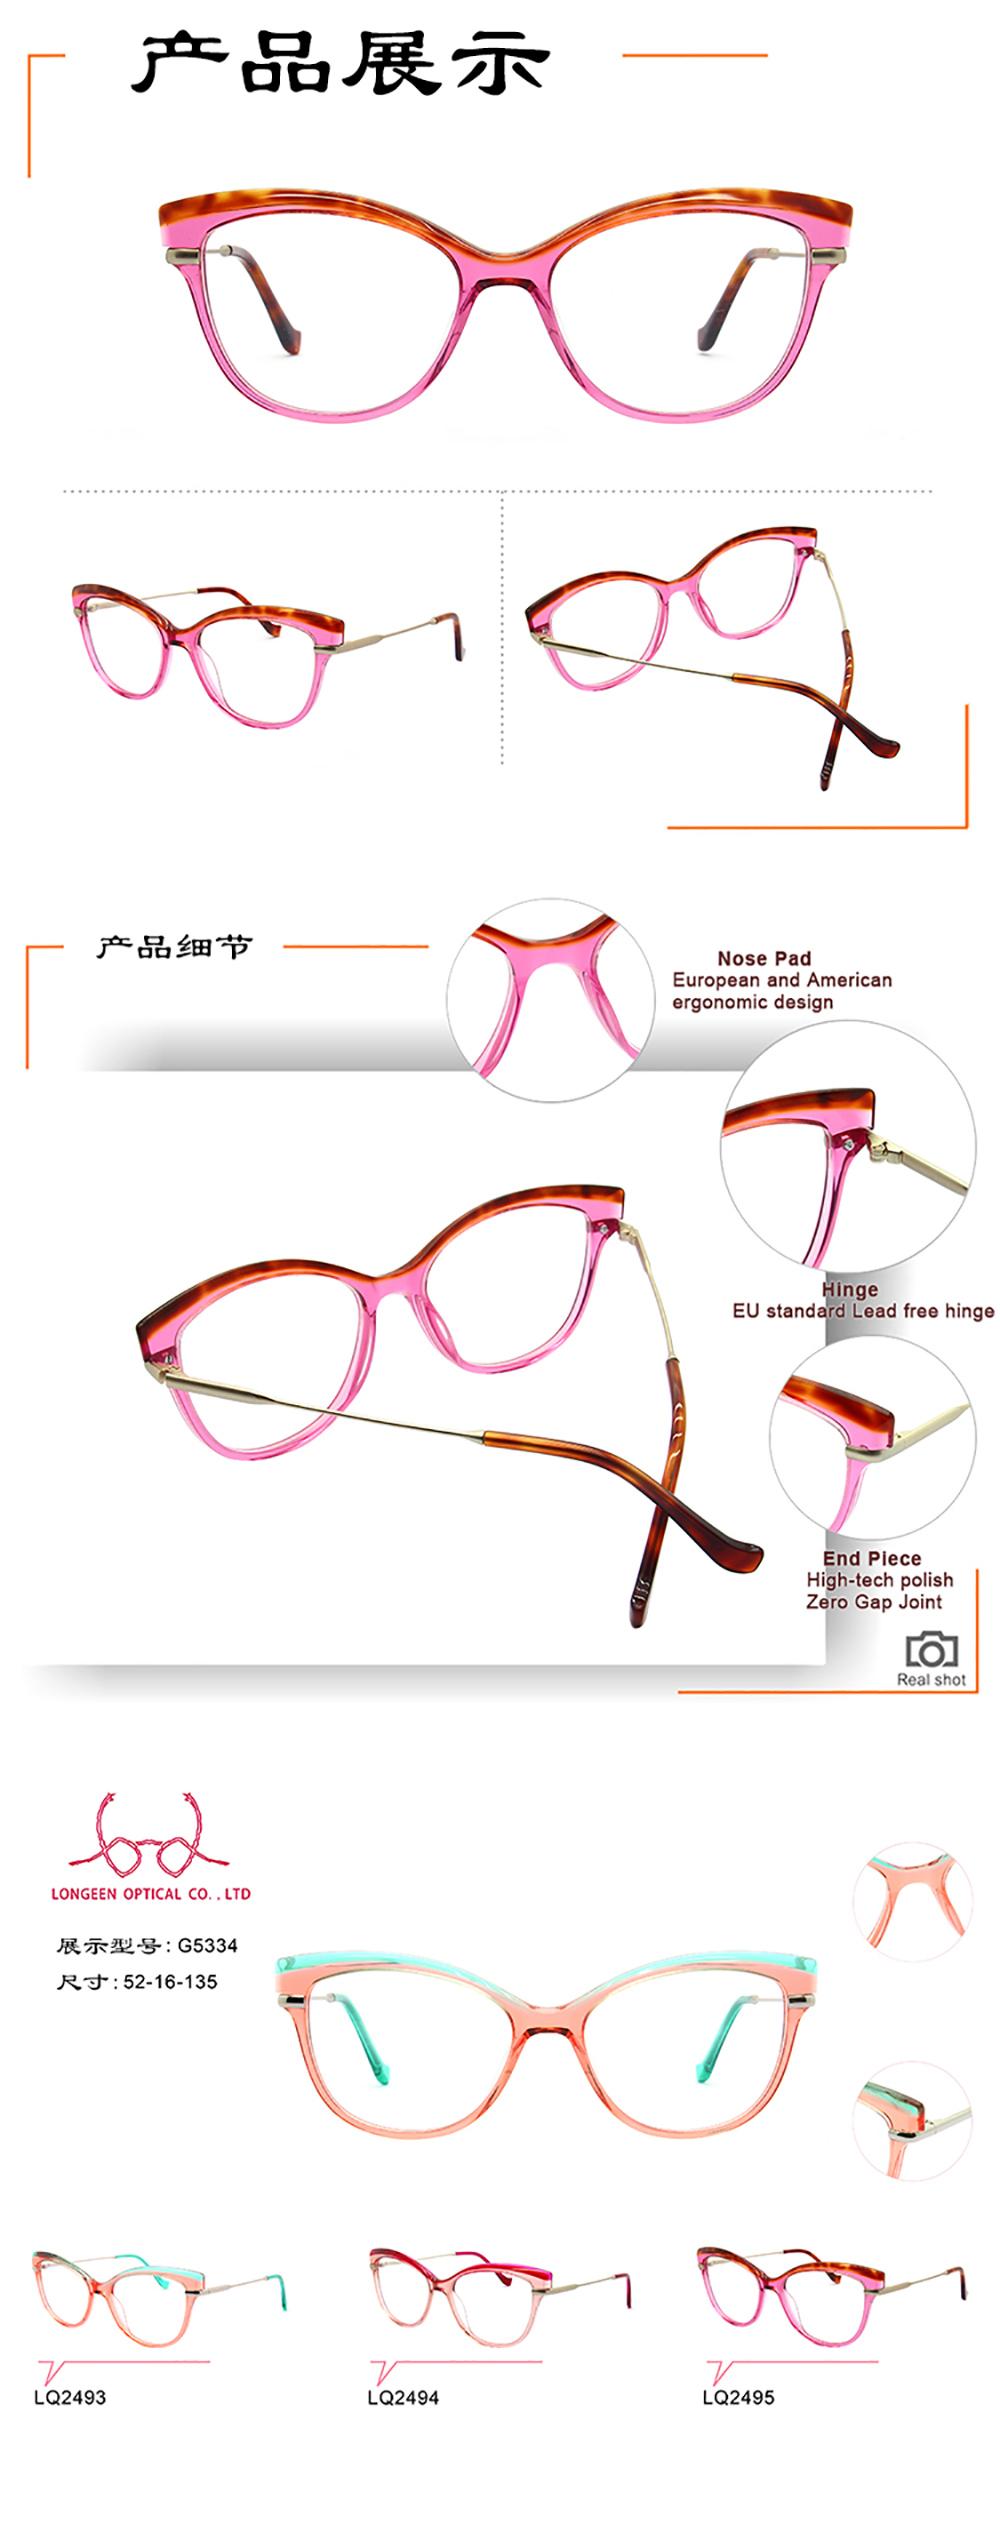 醋酸板材金属眼镜-G5334